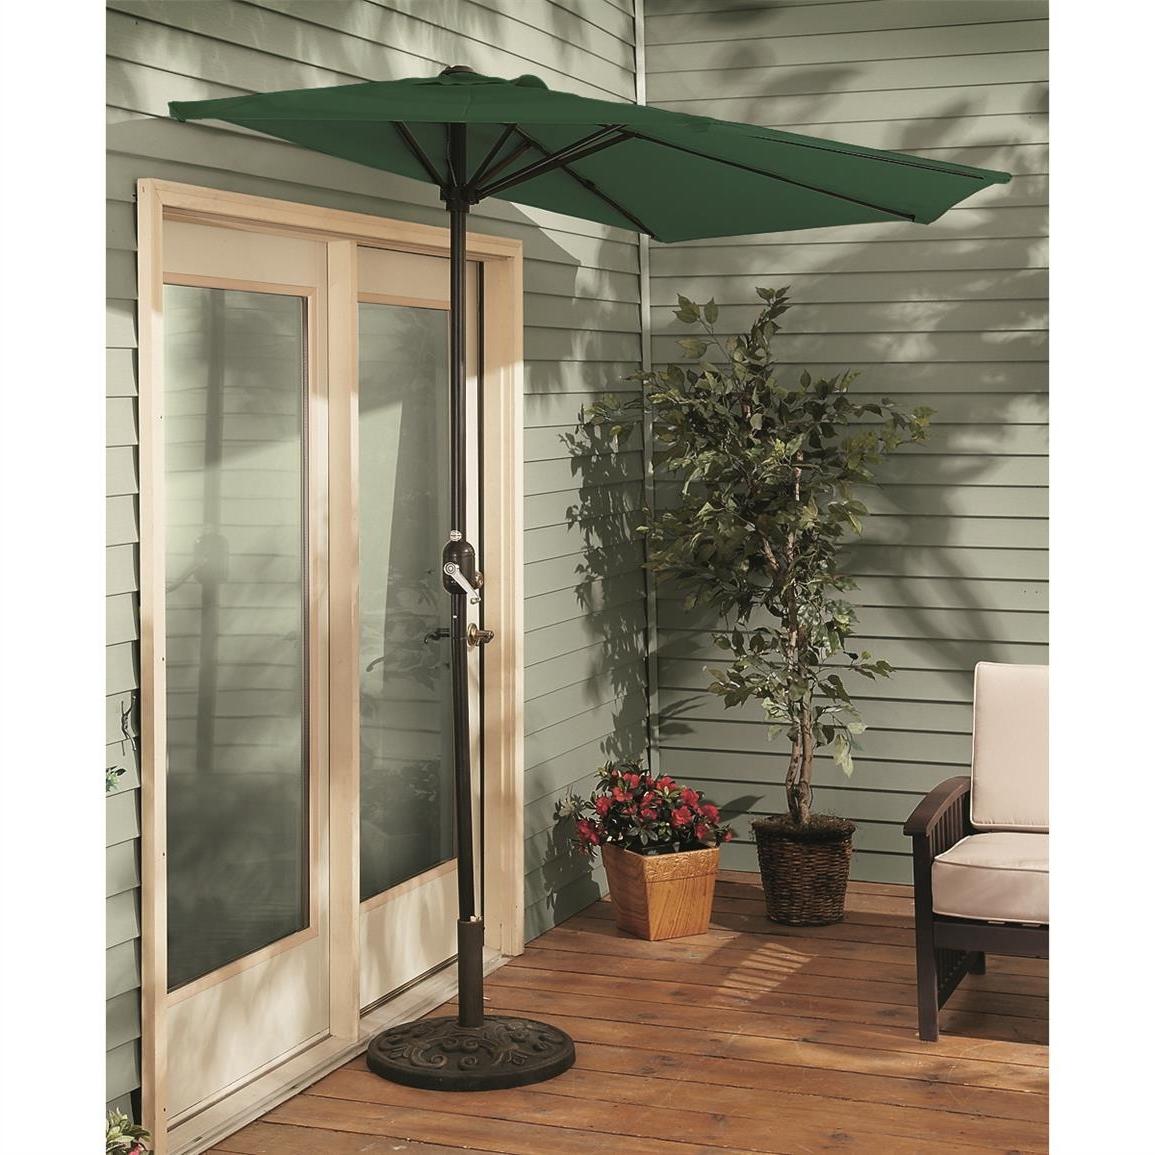 Castlecreek 8' Half Round Patio Umbrella – 235556, Patio Umbrellas With Latest Half Patio Umbrellas (View 5 of 20)